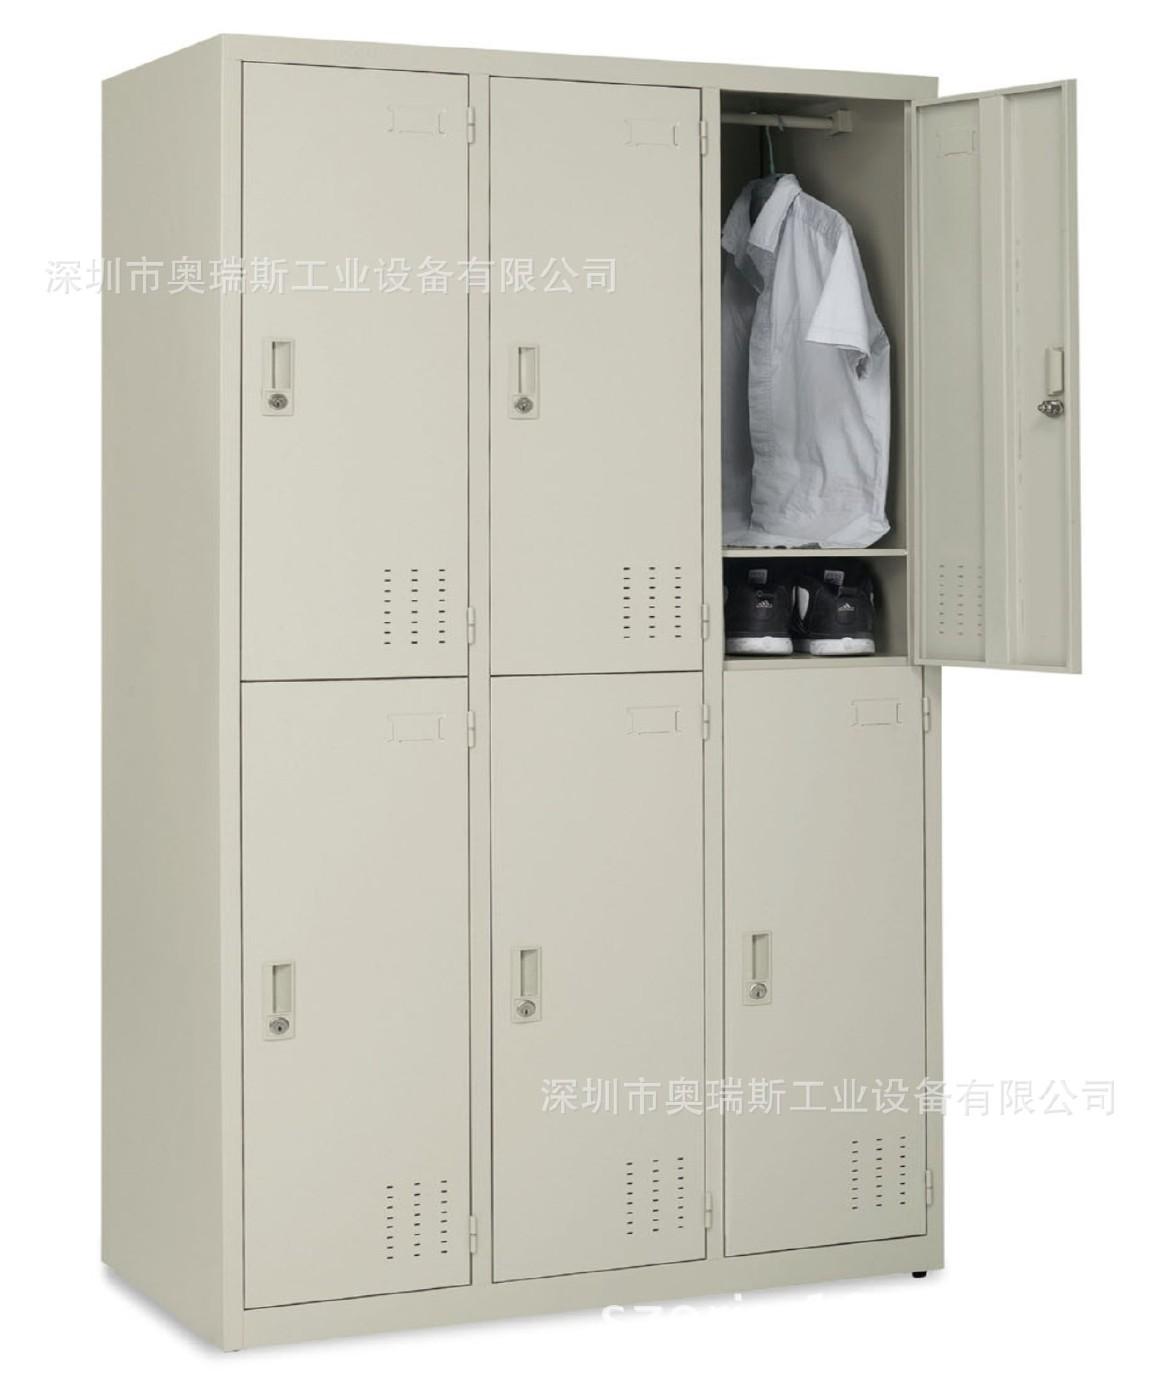 32门铁皮柜厂价直销/广州不锈钢储物柜定做/深圳不锈钢鞋柜厂家